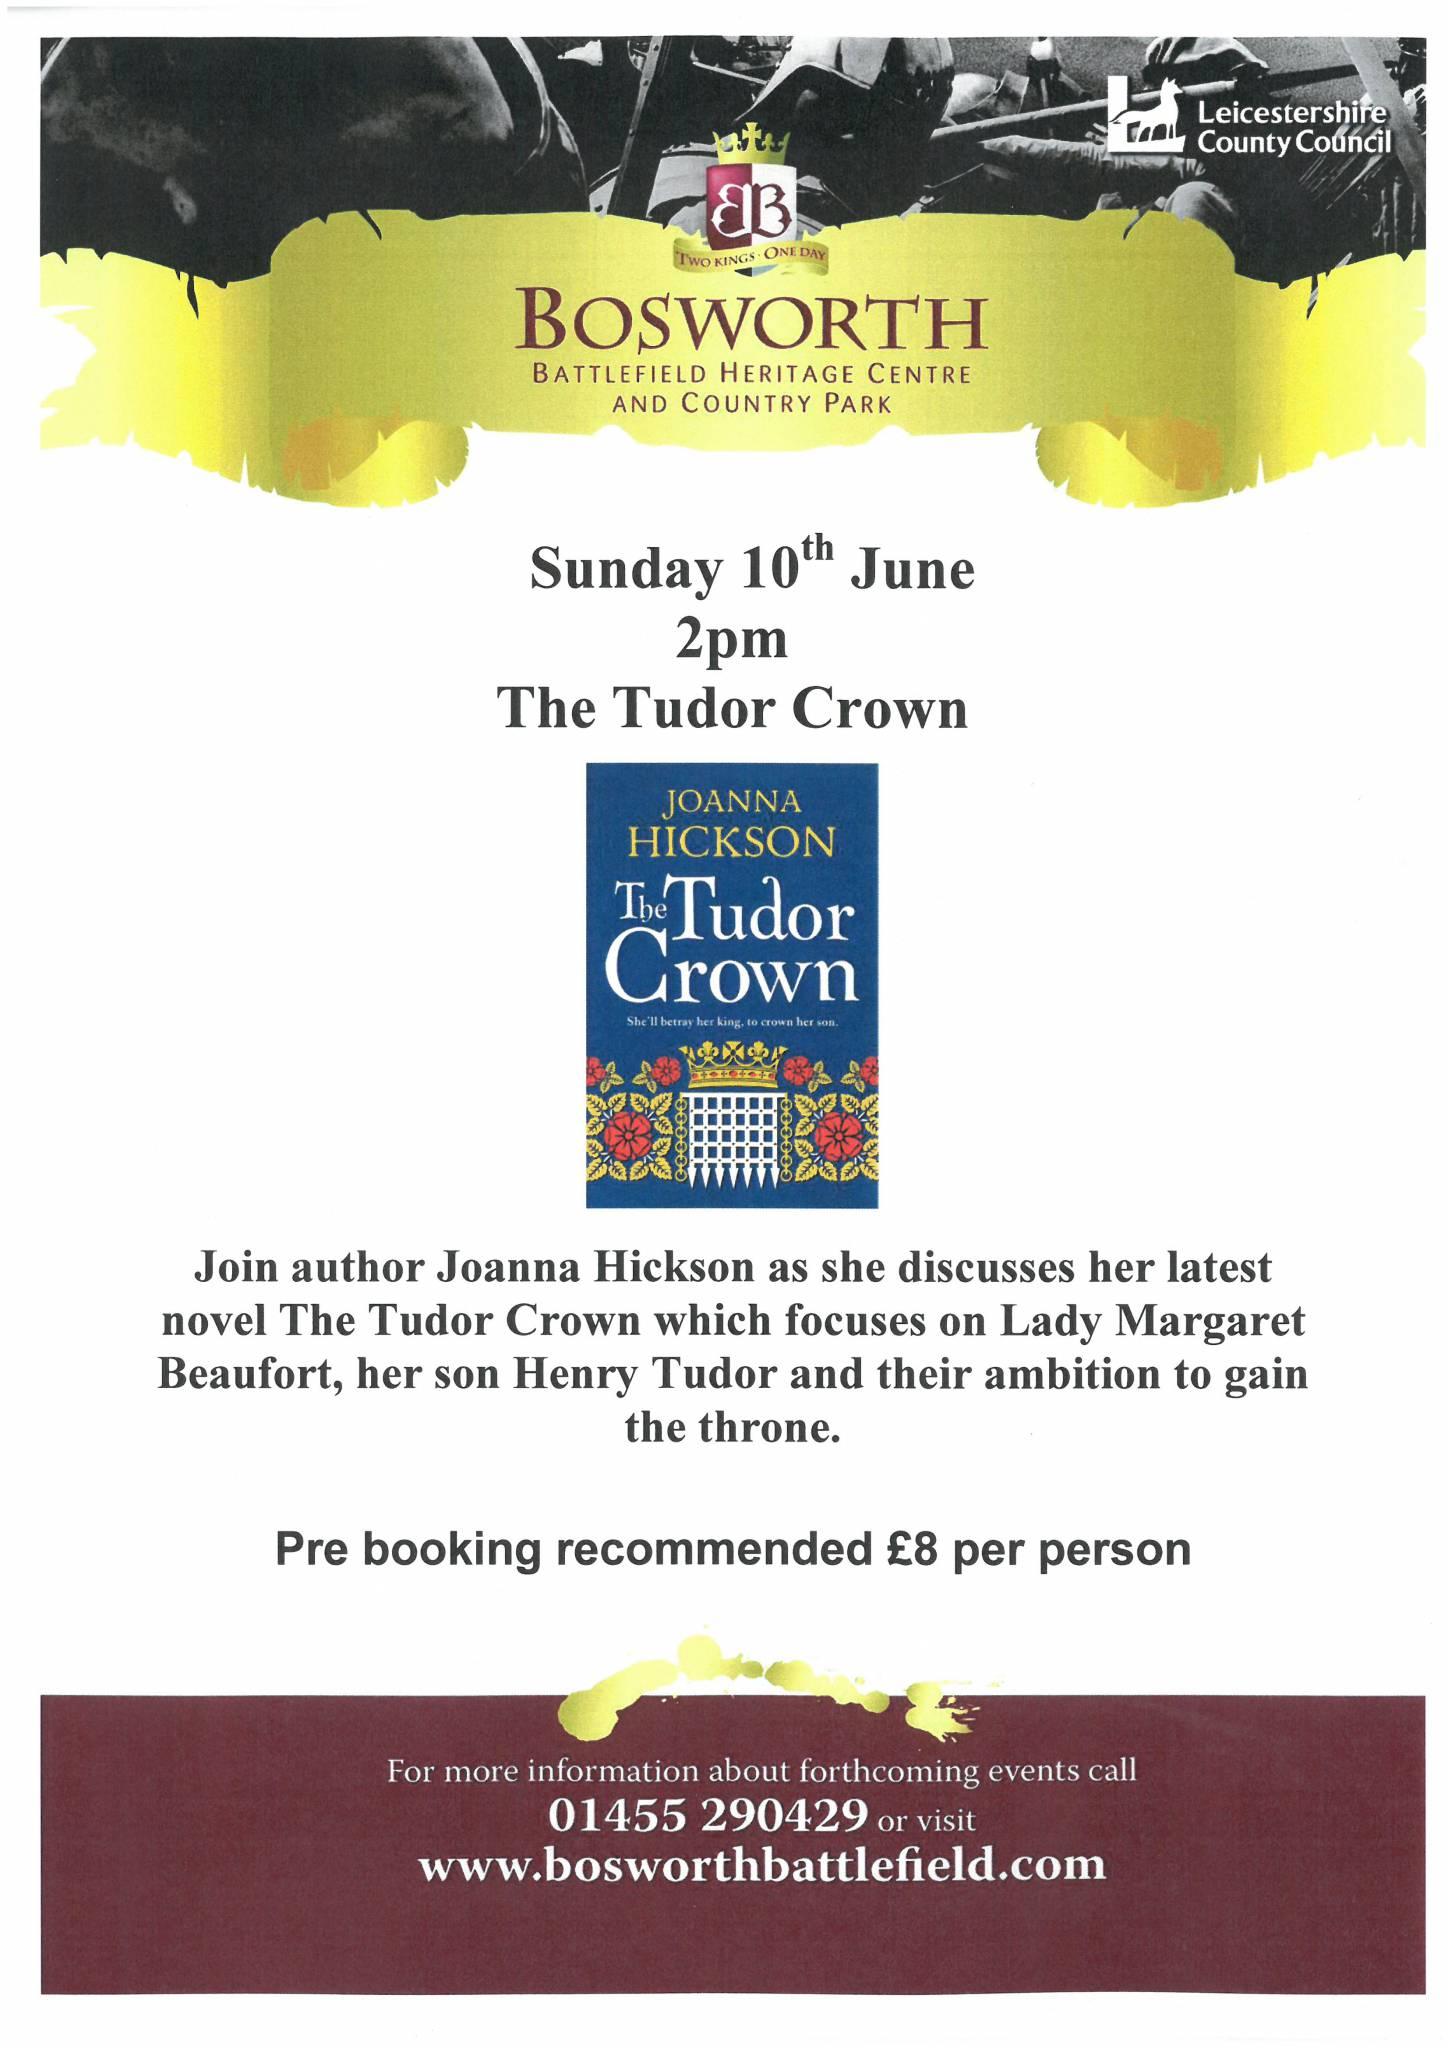 The Tudor Crown Talk: Joanna Hickson